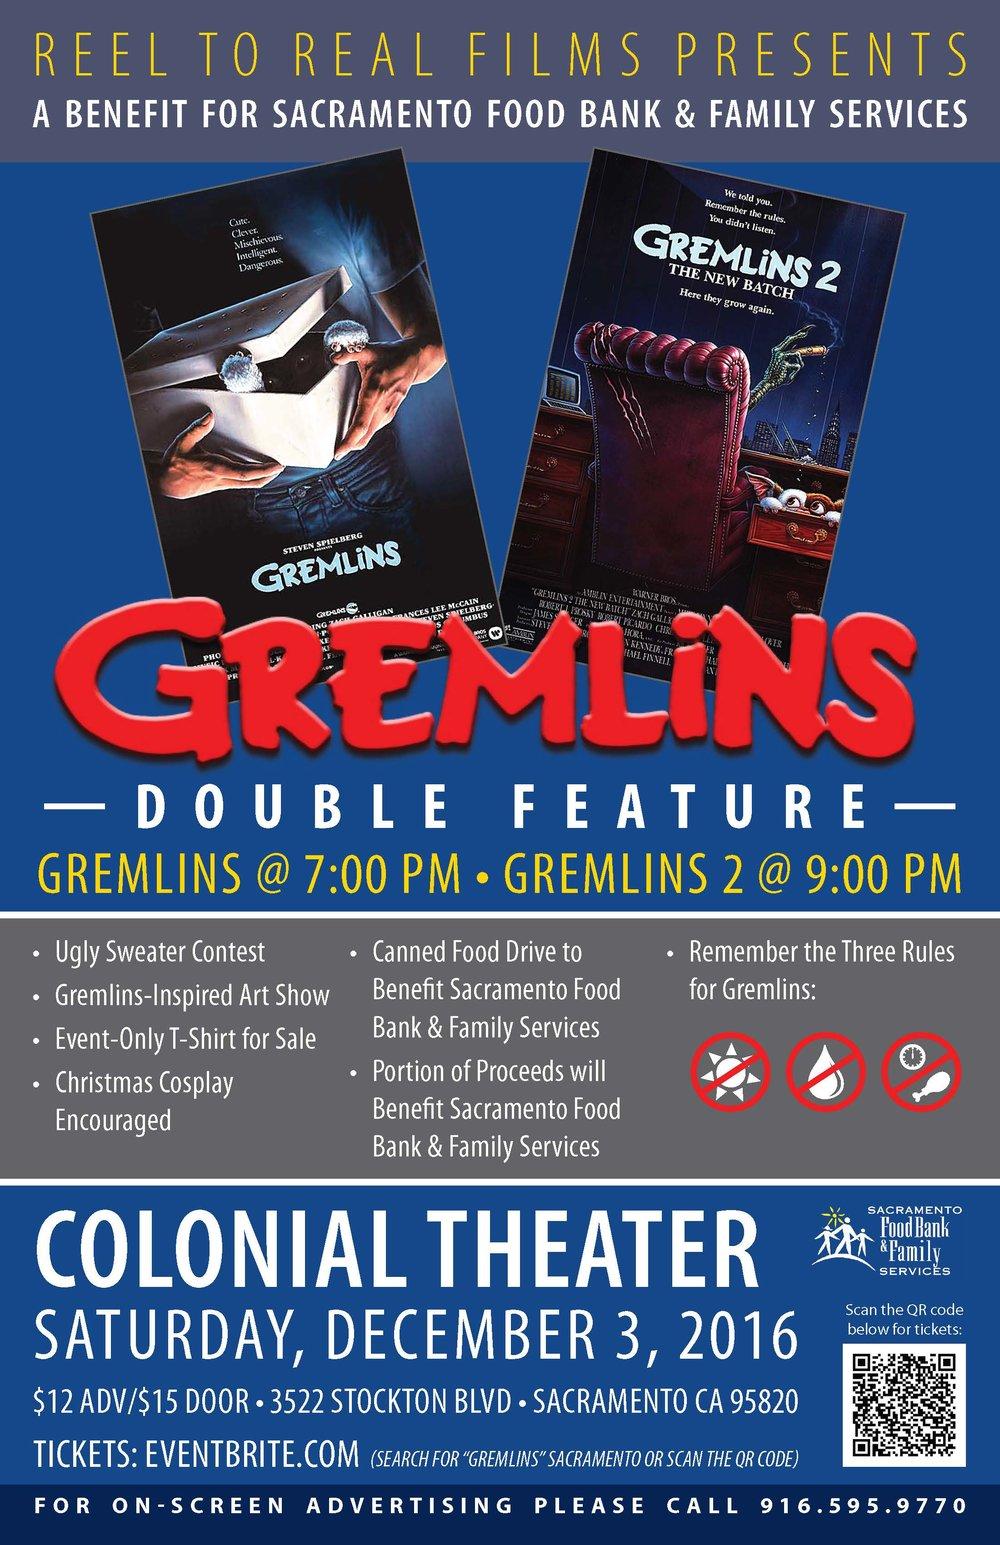 Gremilms Double Feature